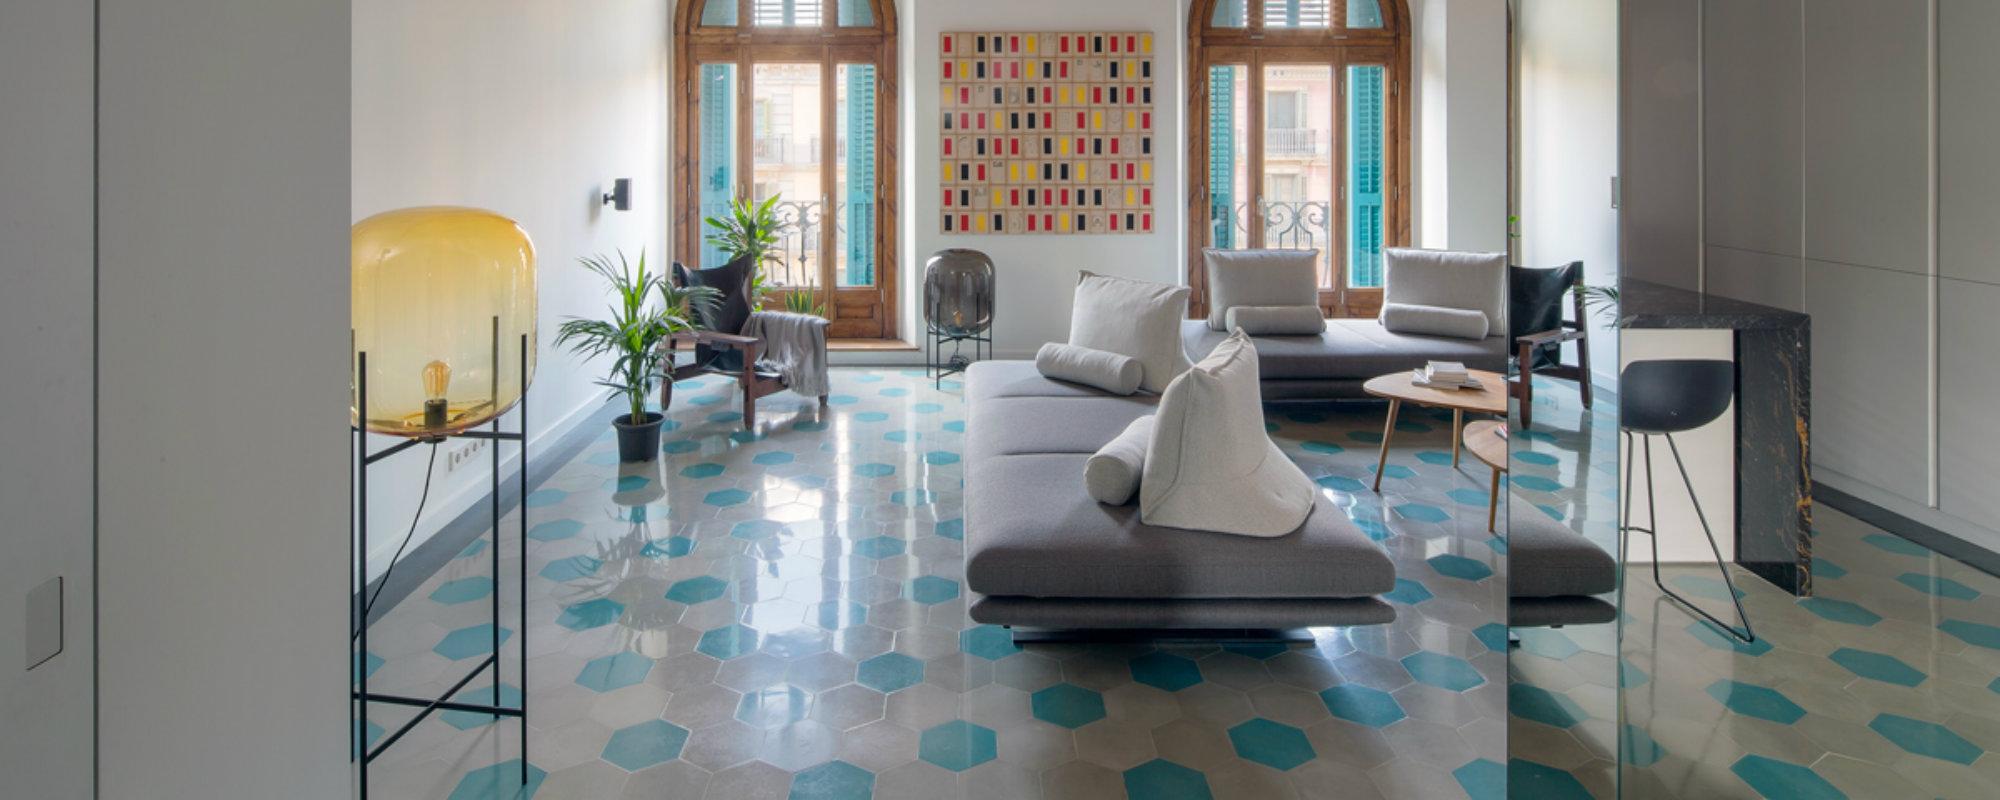 Diseño de Interiores en Barcelona: NOOK crea proyectos lujuosos diseño de interiores Diseño de Interiores en Barcelona: NOOK crea proyectos lujuosos Featured 10